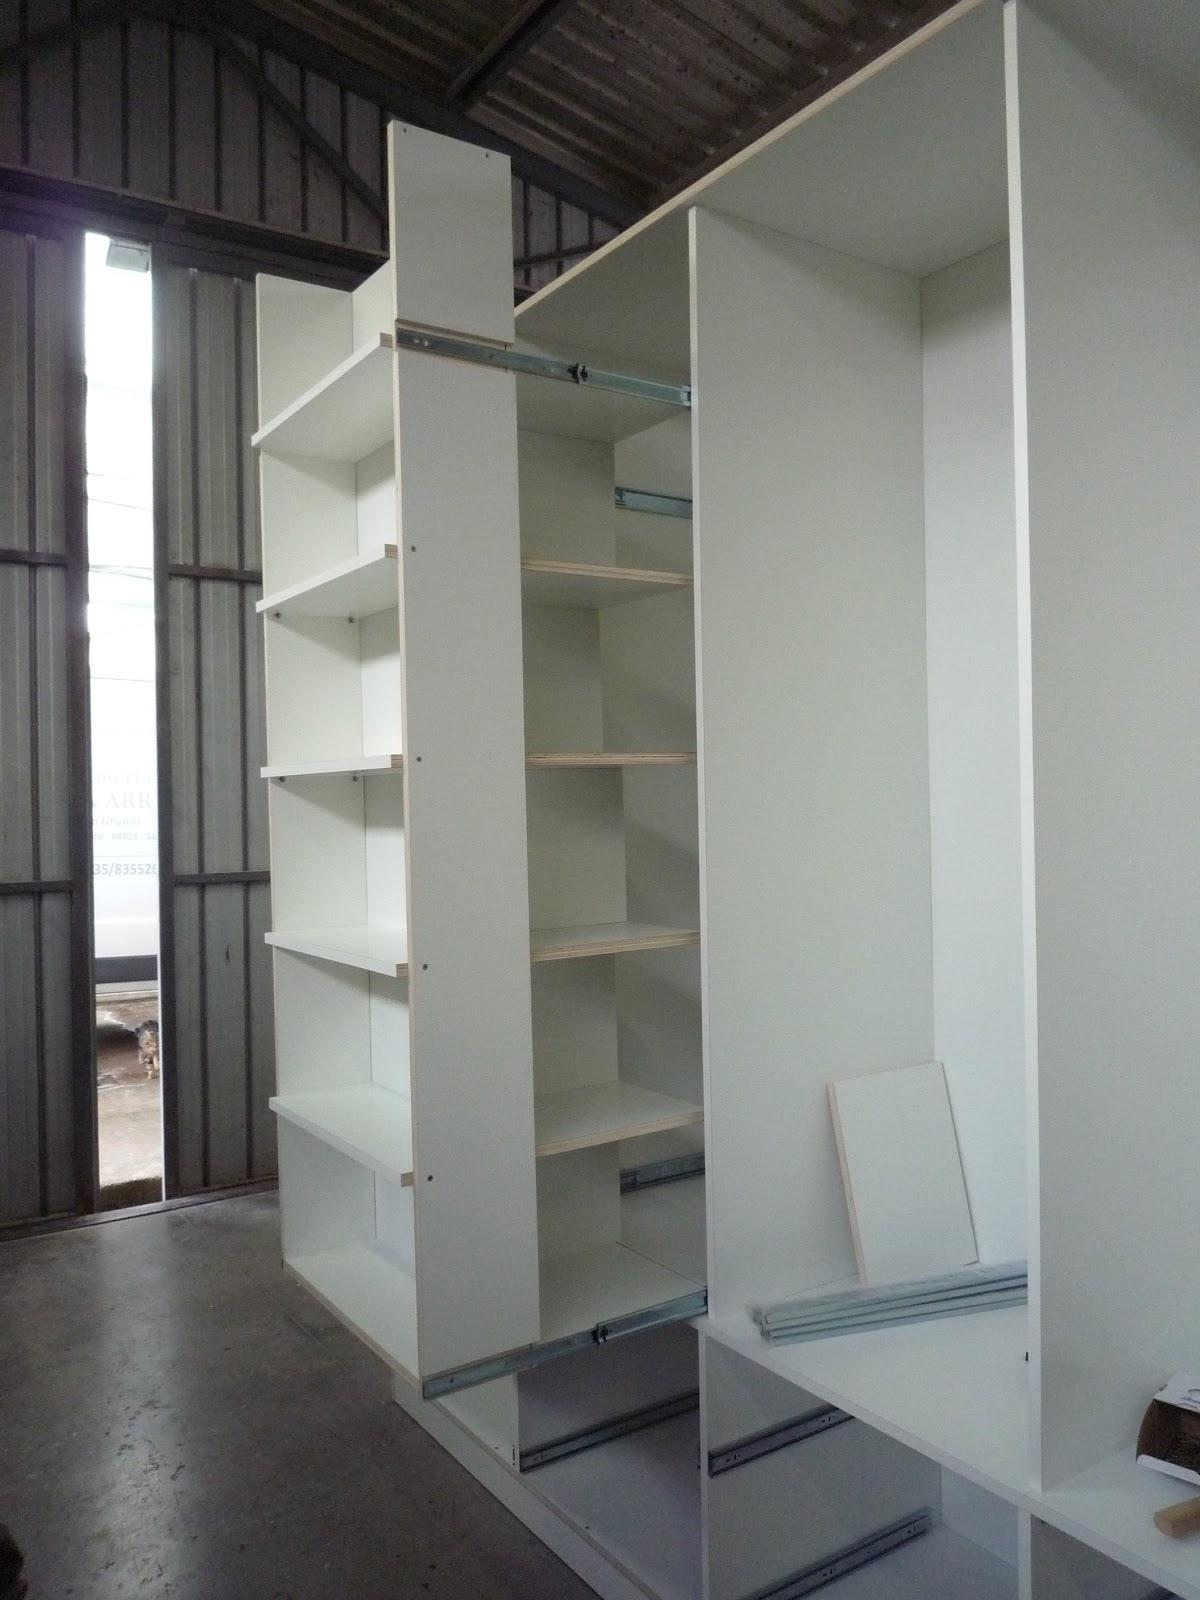 Diari di un architetto: una libreria davvero smart